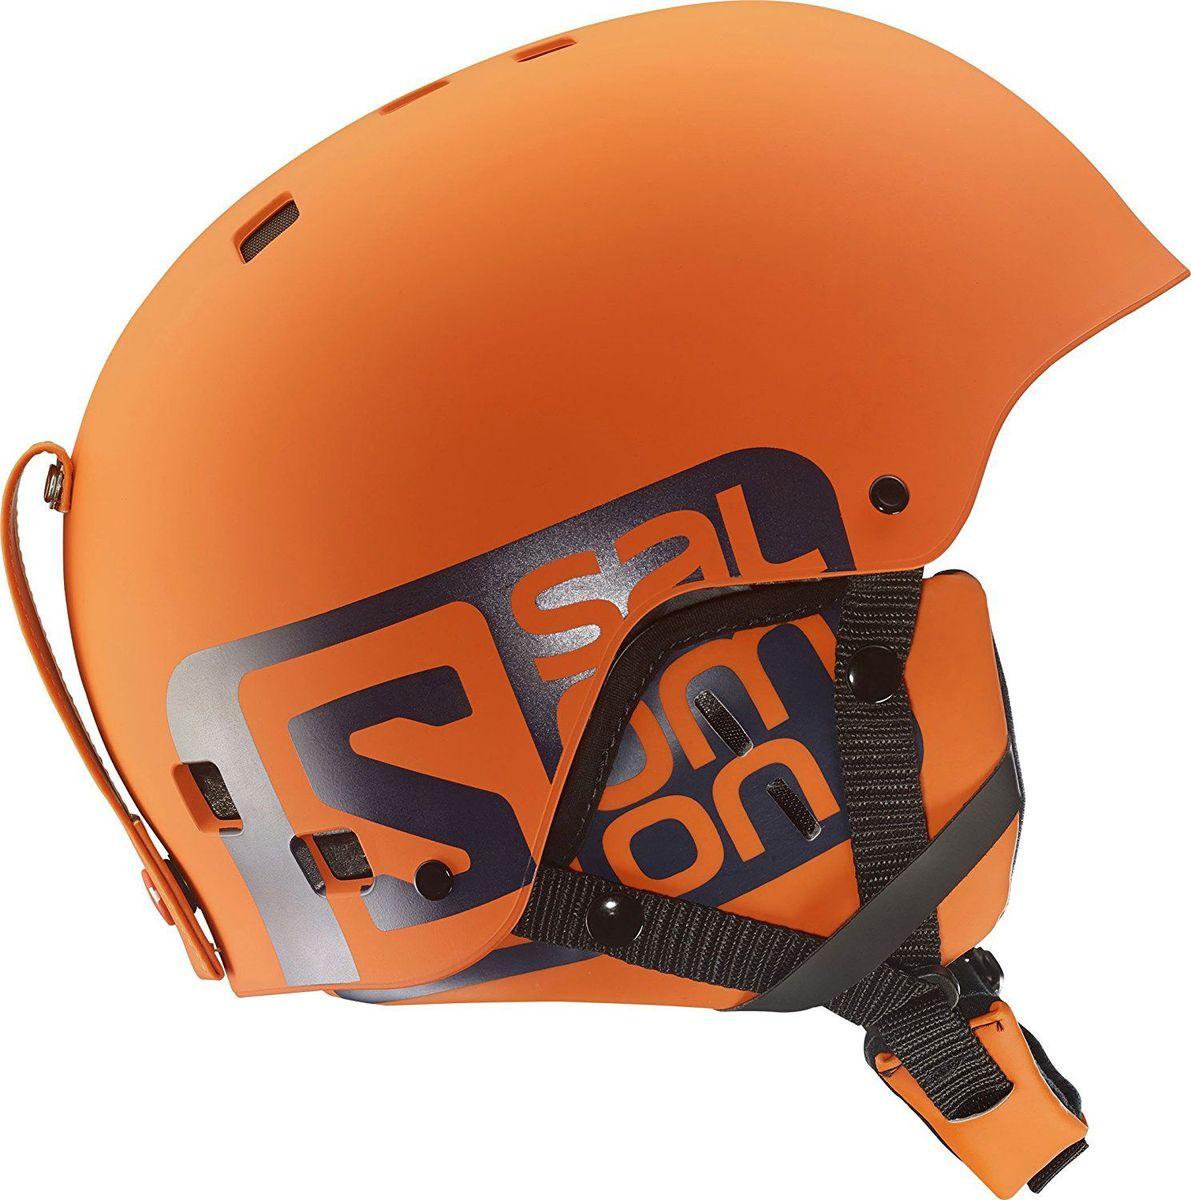 Шлем горнолыжный Salomon Helmet Brigade Orange Matt. Размер L (58/59)L37776300Горнолыжный шлем с литой внешней прочной поверхностью и съемными накладками на уши. Внутренний слой из вспененного материала ABS+EPS особой формы отлично поглощает как прямые удары, так и угловые. Стреп на подбородок выполнен из мягкого текстиля и оснащен застежкой-защелкой.Съемная подкладка, которую можно стирать при необходимости.